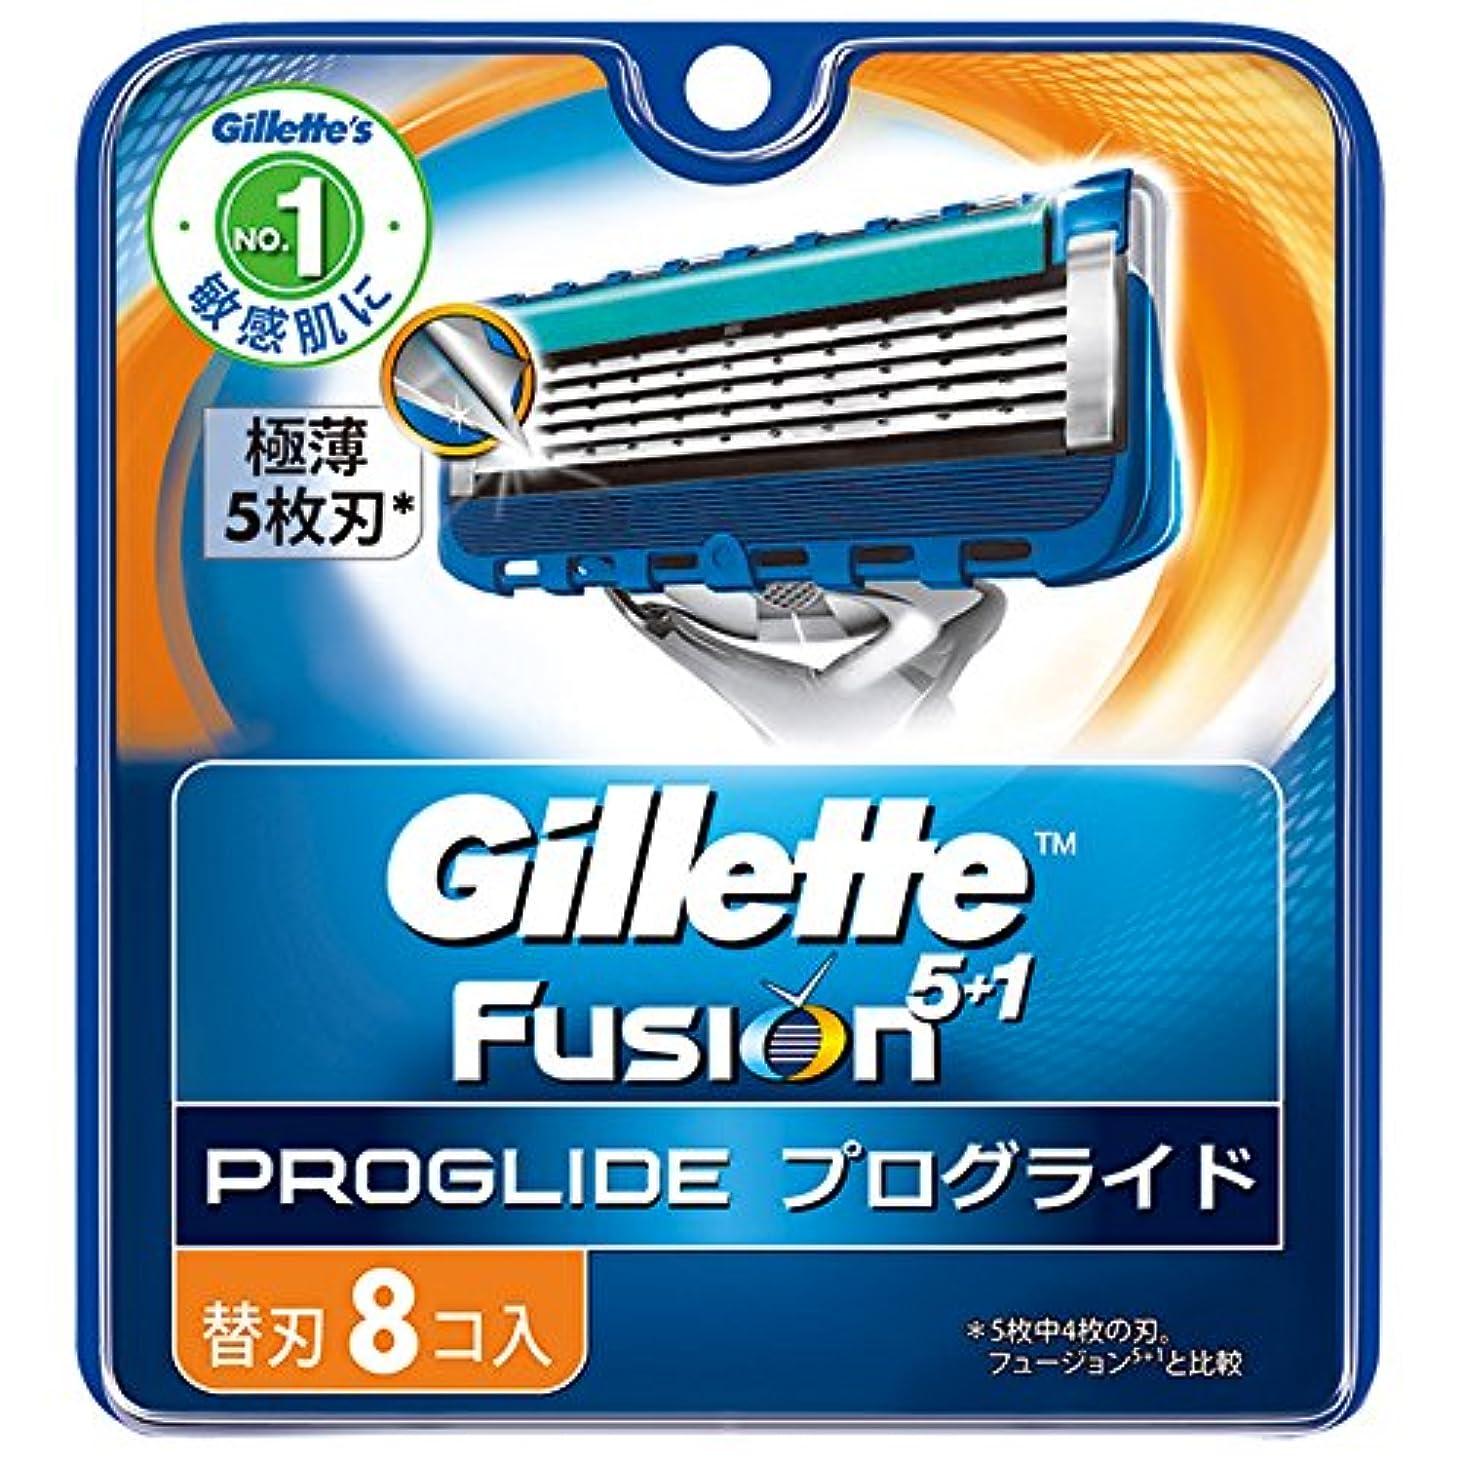 シダメッセージ放棄するジレット 髭剃り プログライド フレックスボール マニュアル 替刃8個入